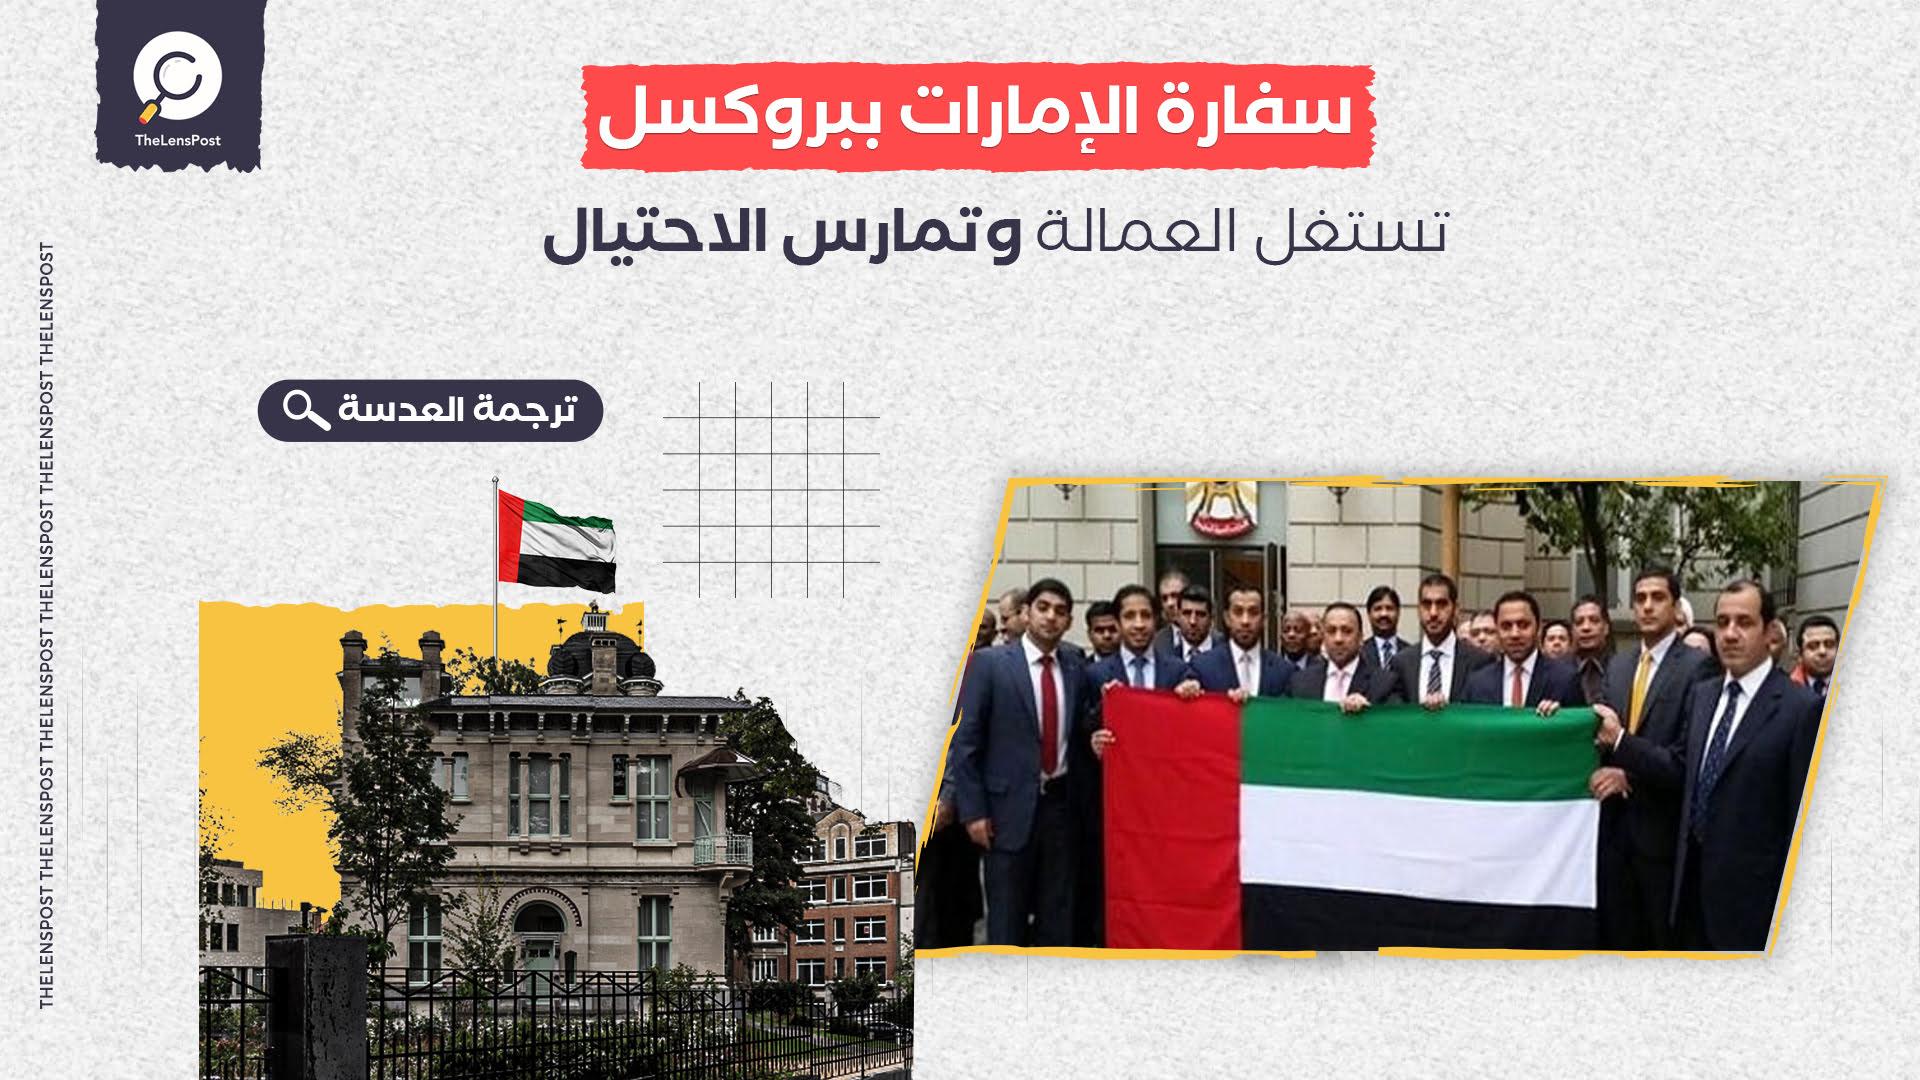 صحيفة بليجيكية: سفارة الإمارات ببروكسل تستغل العمالة وتمارس الاحتيال